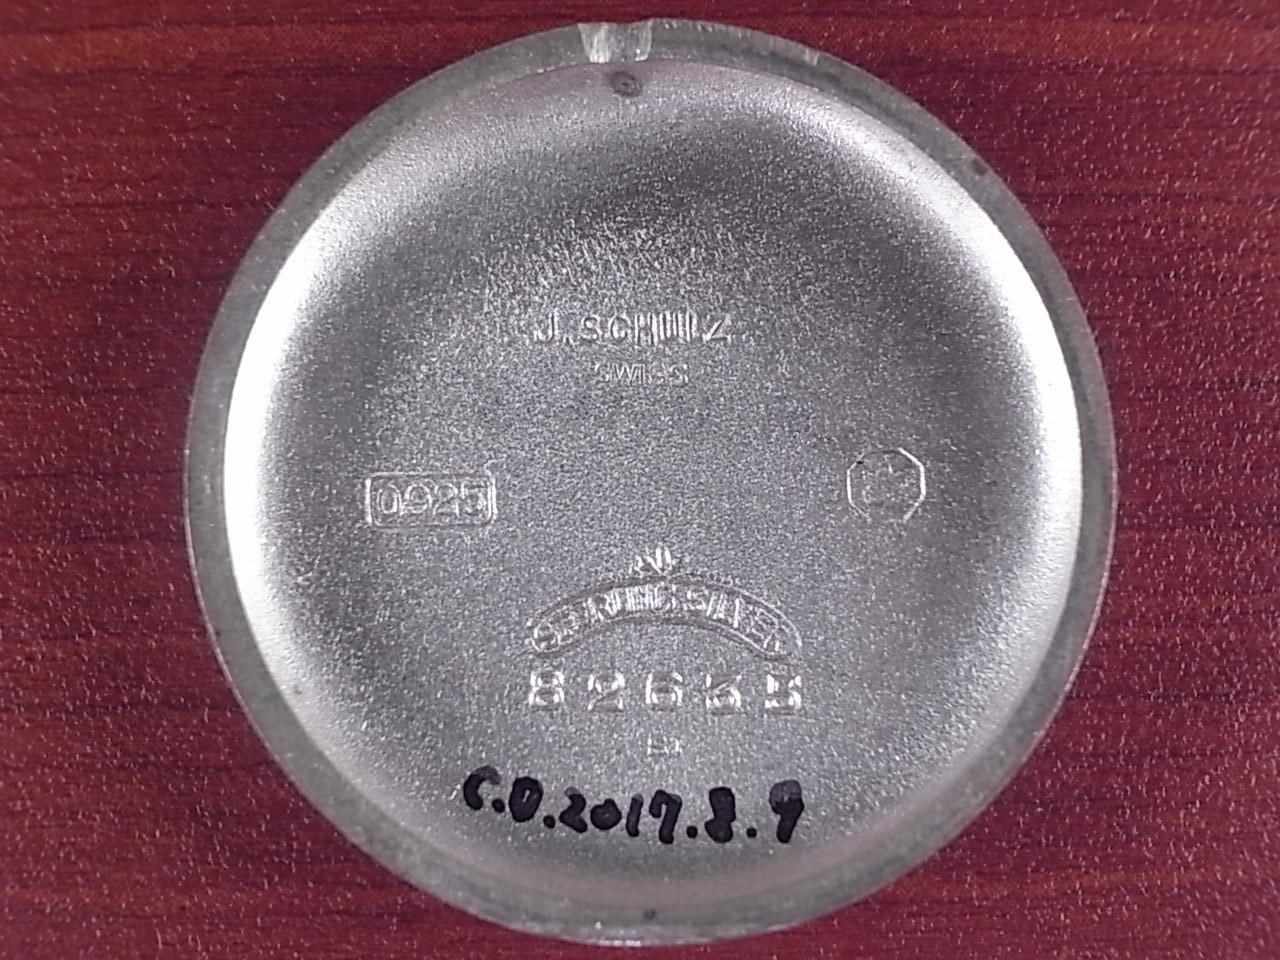 J.シュルツ シルバー925 ストップセコンド Cal.ヴィーナス103 1930年代の写真6枚目